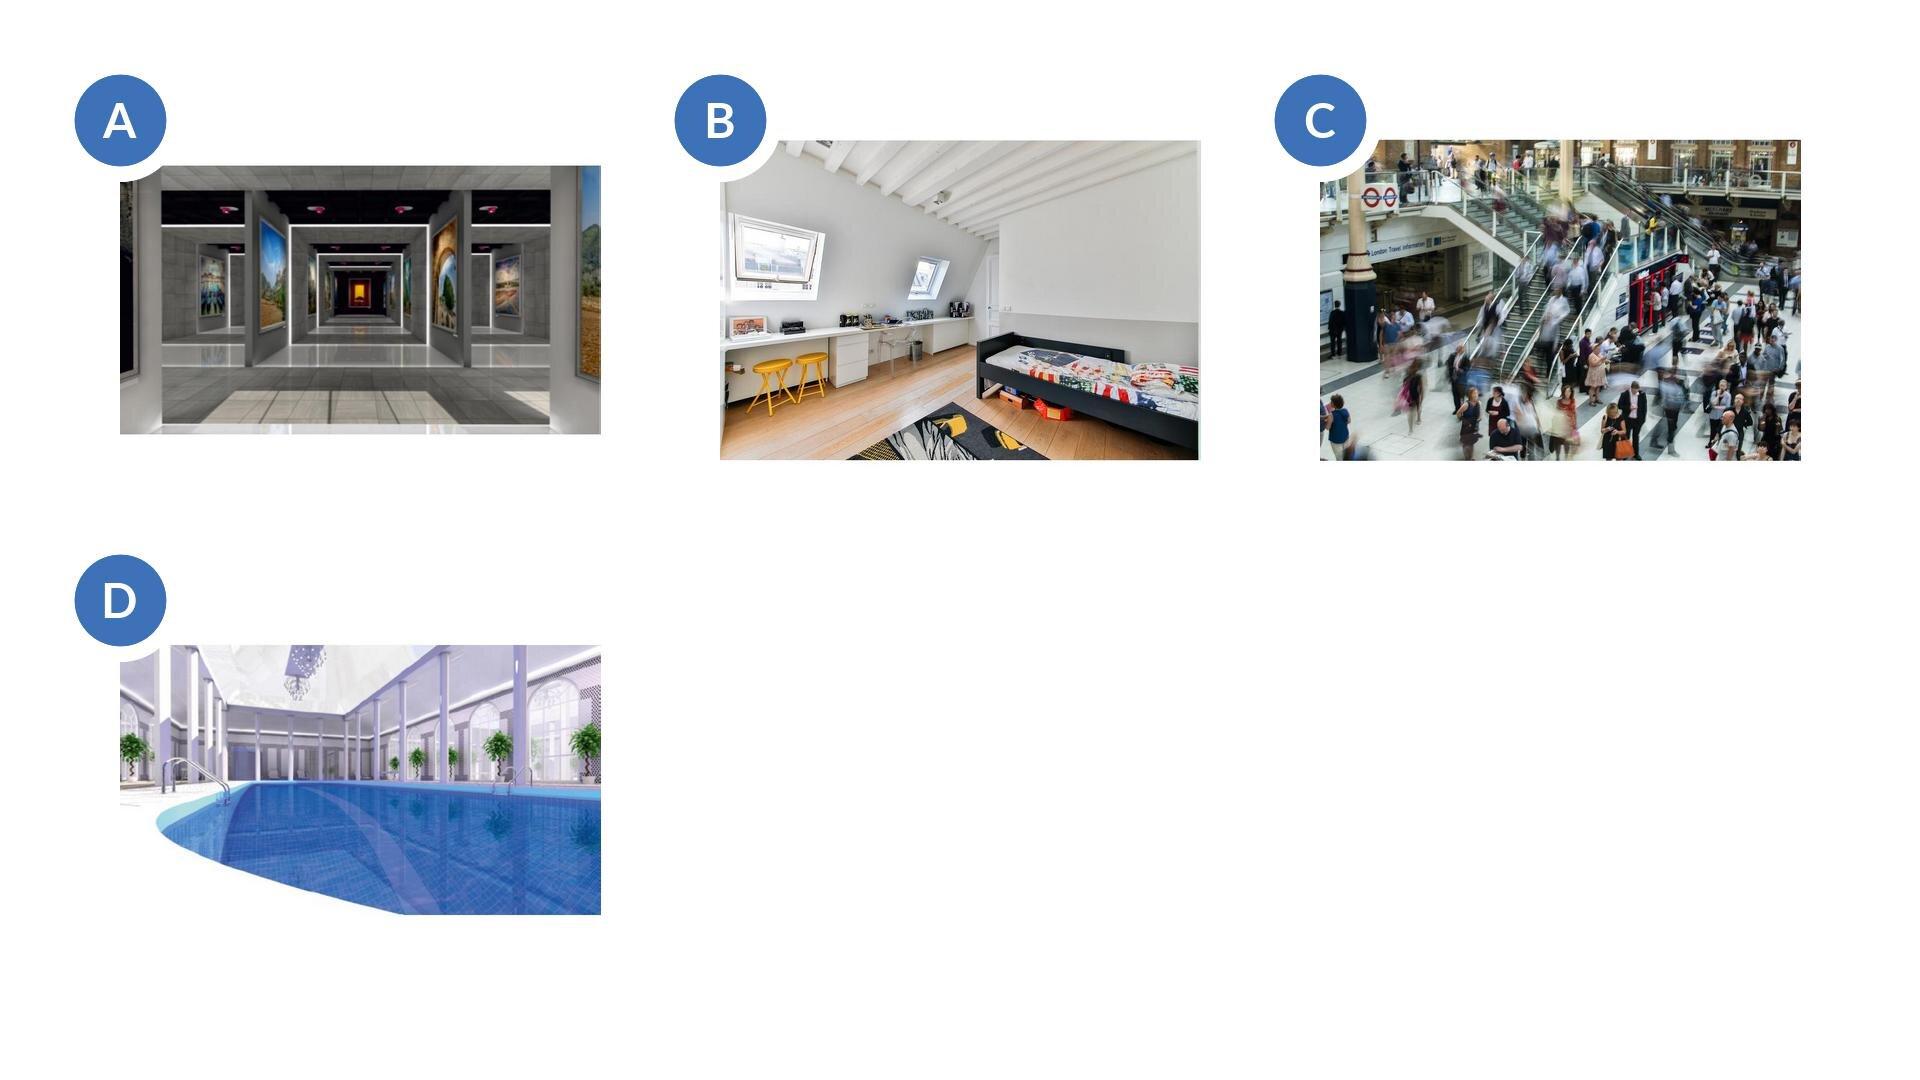 Pierwsze zdjęcie przedstawia wnętrze galerii. Widać na szarych ścianach zawieszone obrazy. Drugie zdjęcie to pokój dziecięcy obiałych ścianach zustawionym po jednej stronie łóżkiem ibiurkiem po drugiej stronie. Na ścianie gdzie stoi biurko są dwa okna. Na podłodze położone są panele. Trzecie zdjęci przedstawia wnętrze galerii handlowej. Widać na nim schody itłum poruszających się ludzi. Widać duży hol a, wniektórych miejscach witryny. Czwarte zdjęcie przedstawia nieckę basenową wewnątrz pomieszczenia, które jest wkolorze białym, apo bokach widać filary obok których ustawiono donice zdrzewkami.